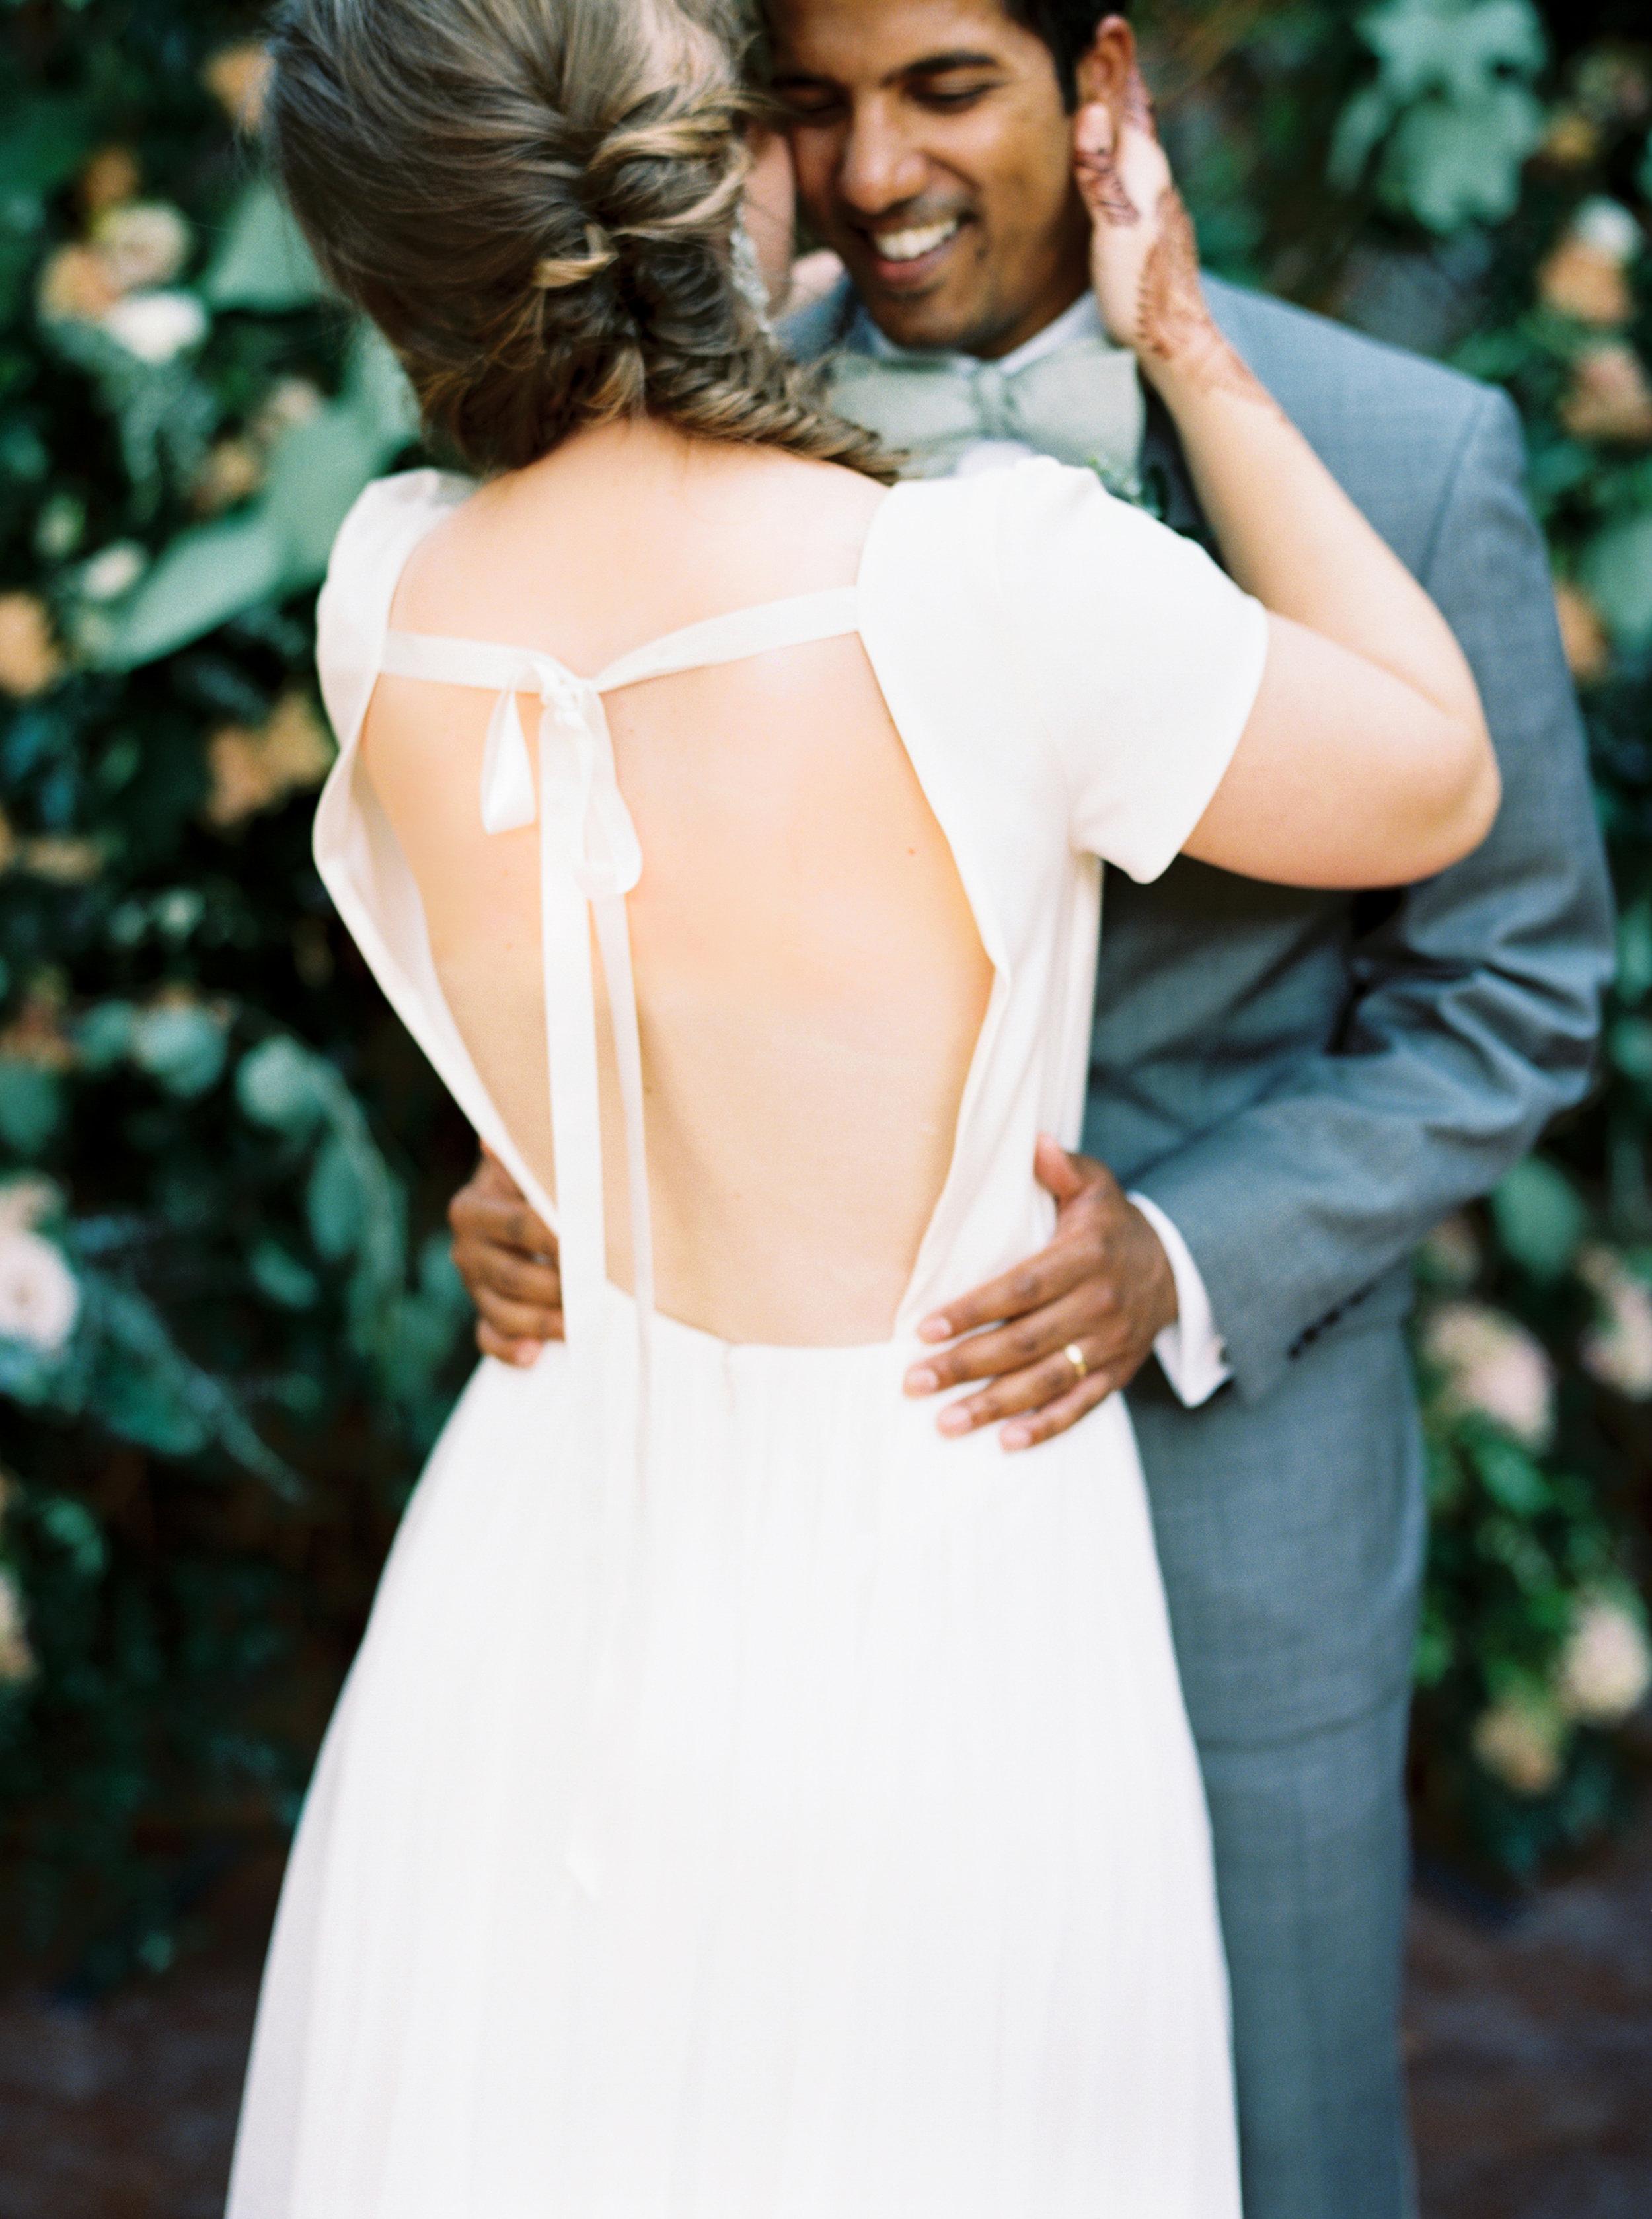 Wahoo_Grill_Atlanta_Indian_Wedding_Abigail_Malone_Photgoraphy_FIlm-109.jpg